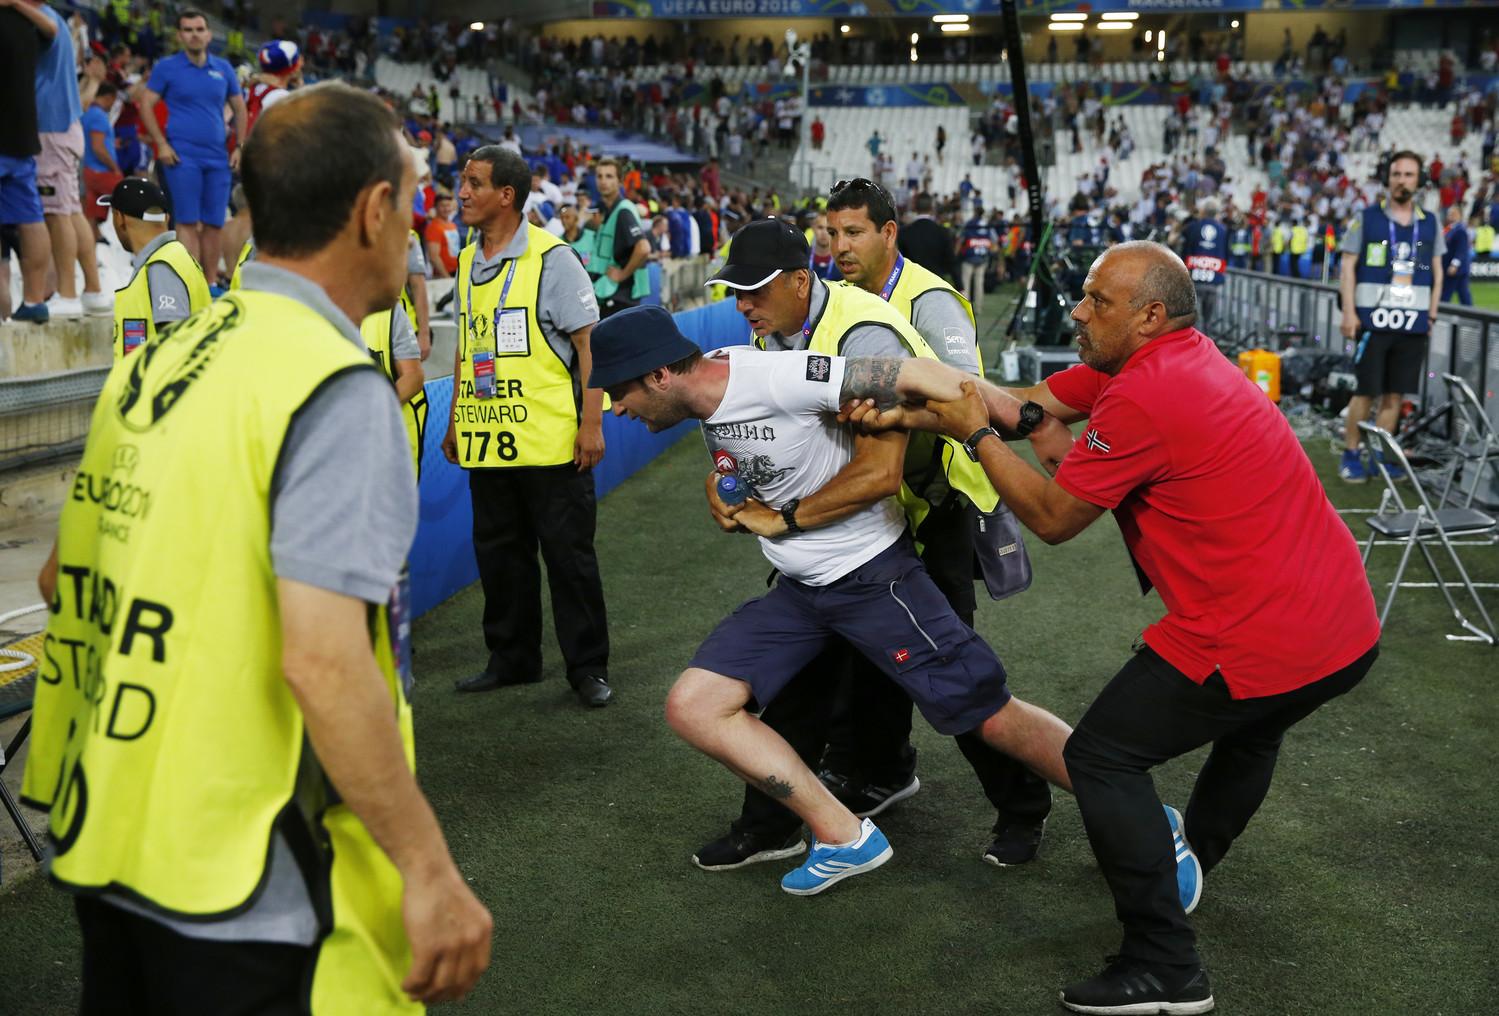 В концовке игры потасовка между фанатами продолжилась — около 30 российских болельщиков прорвались в